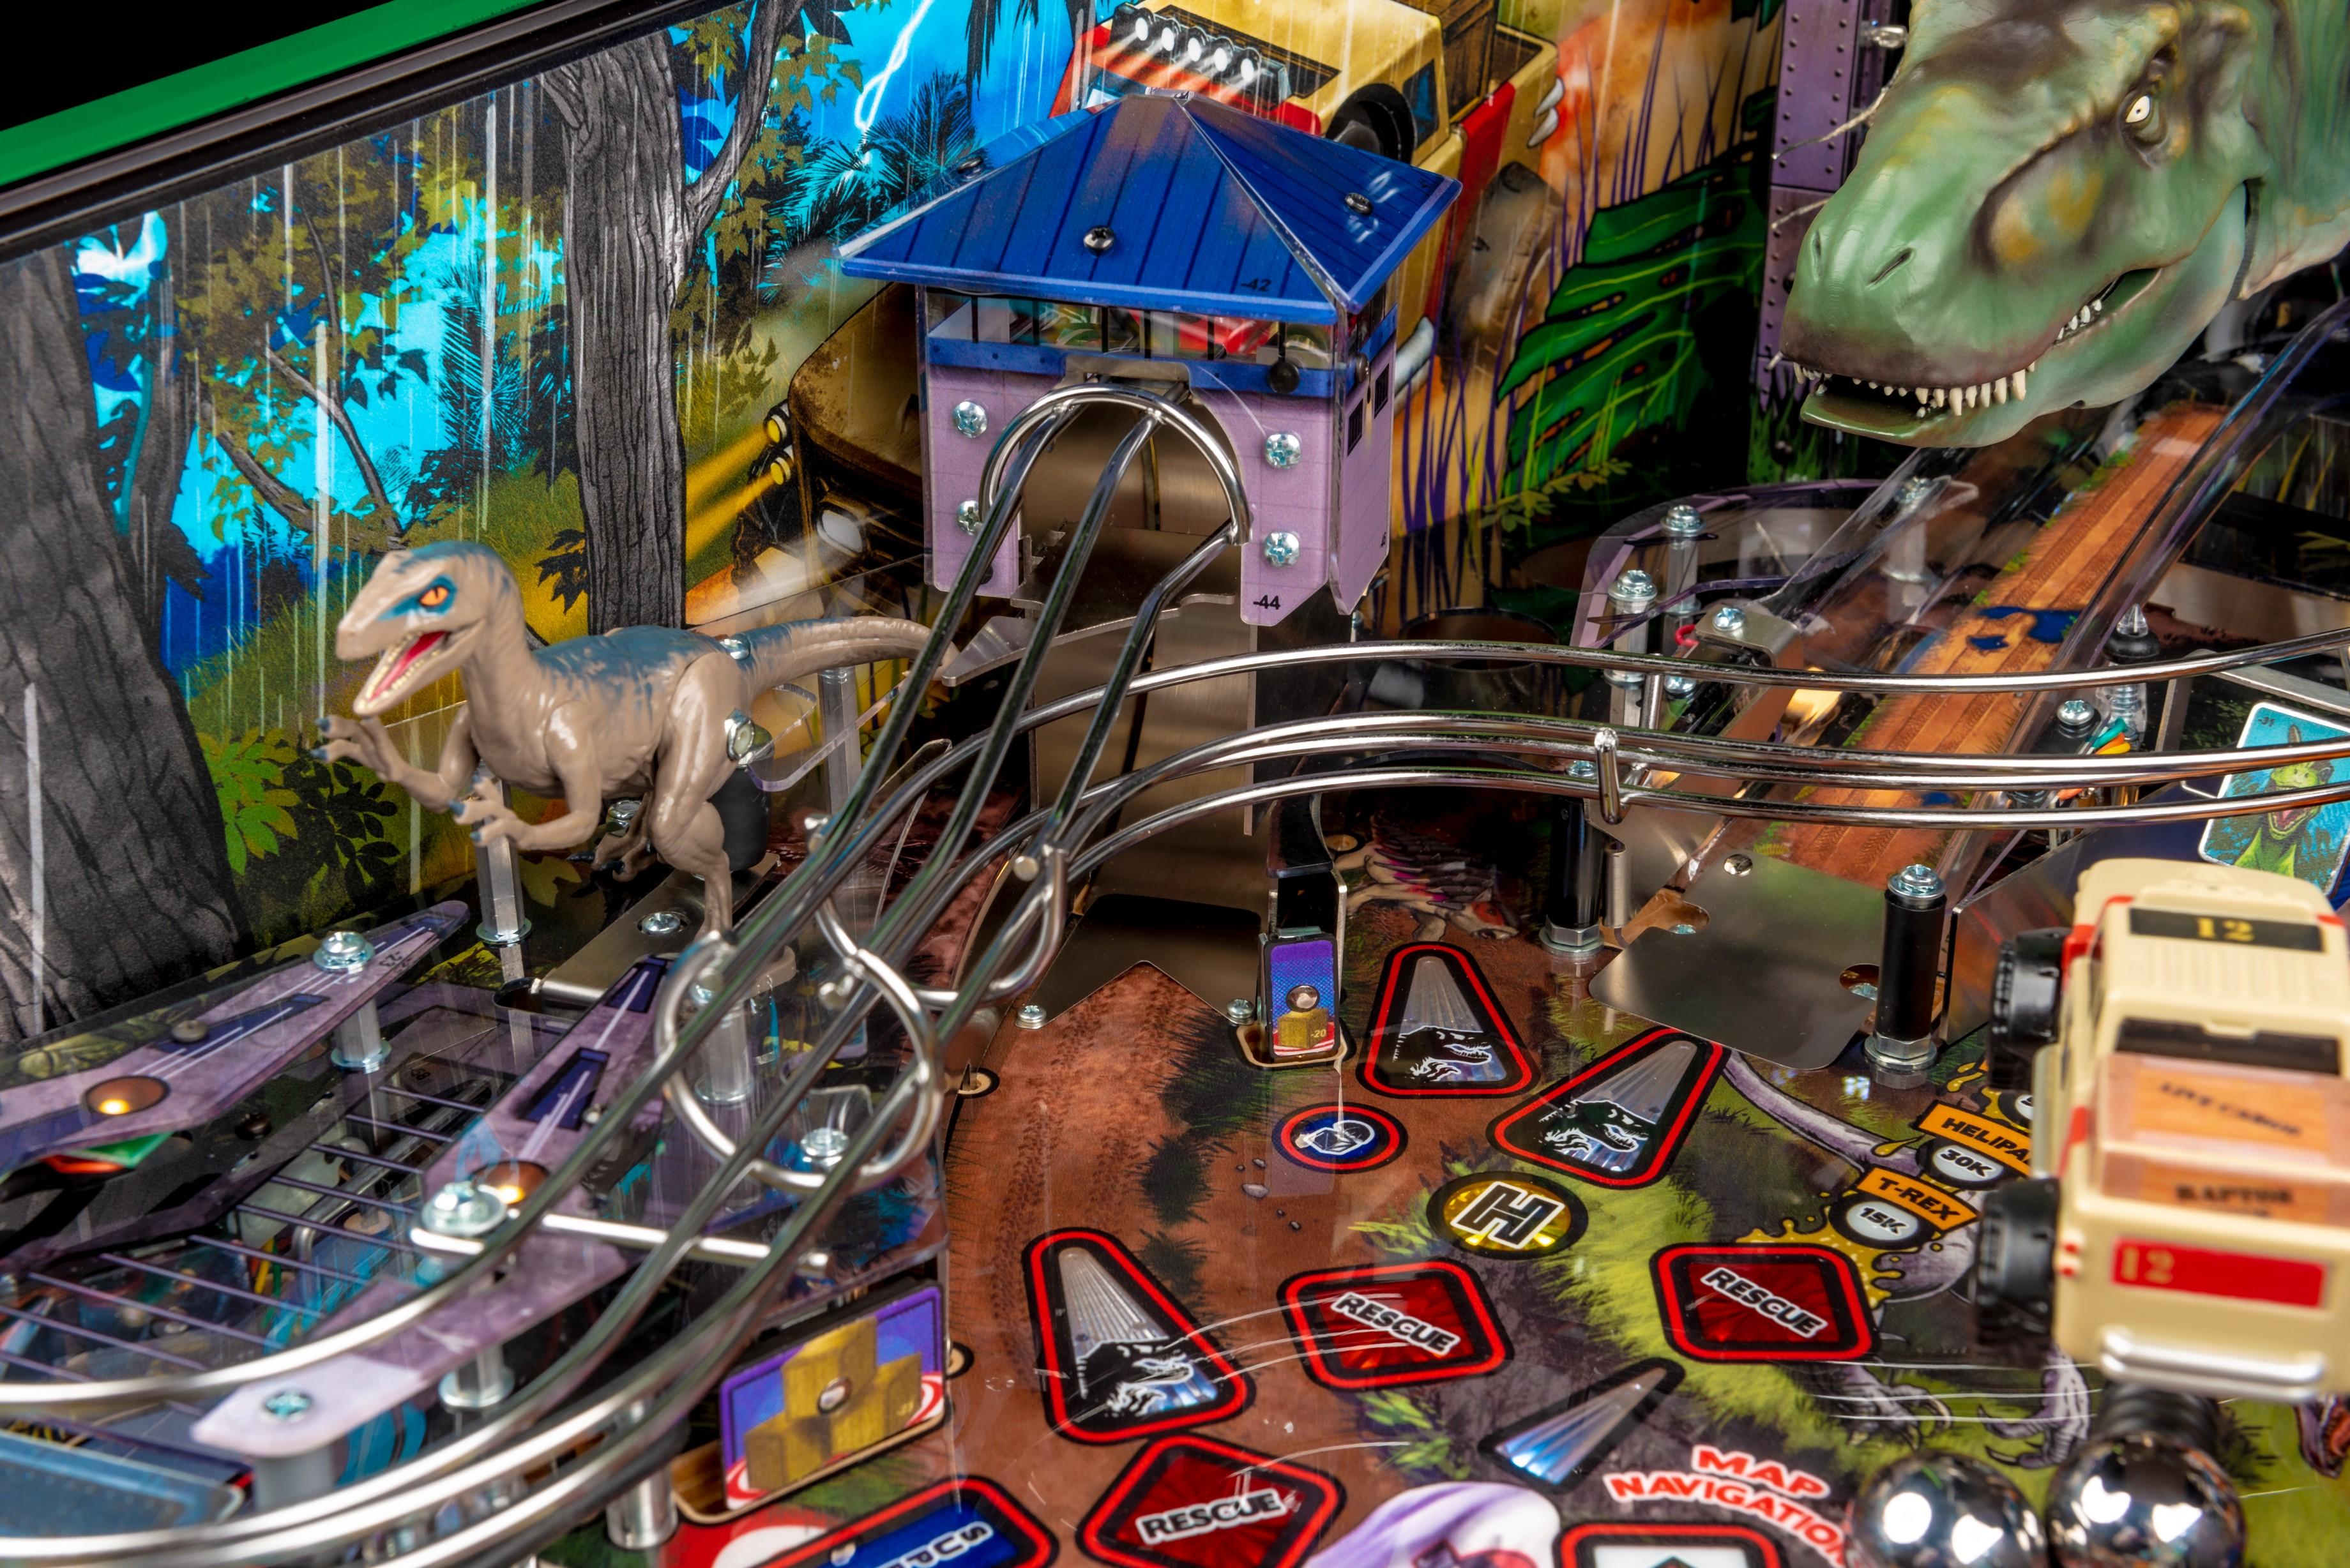 Jurassic Park – Stern Pinball